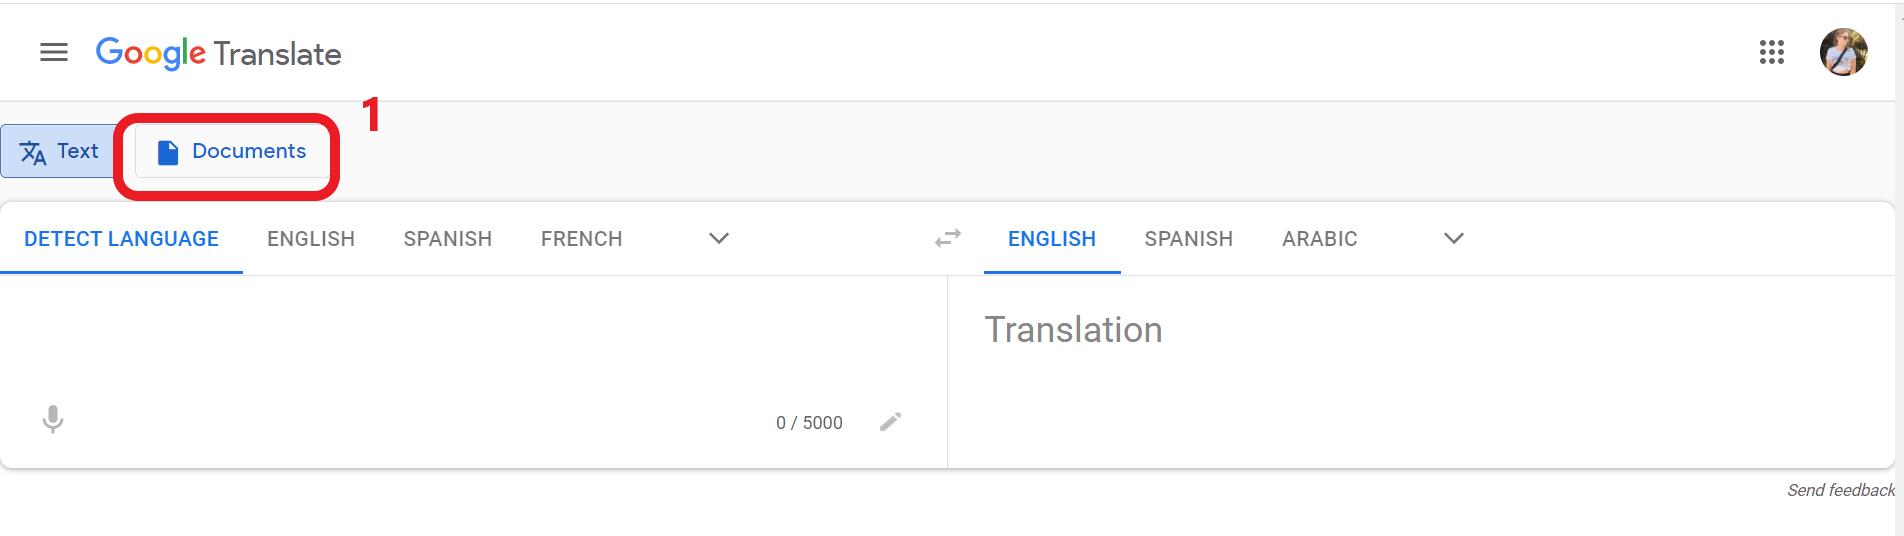 Google Translate - Dokümanları Farklı Bir Dile Çevirme